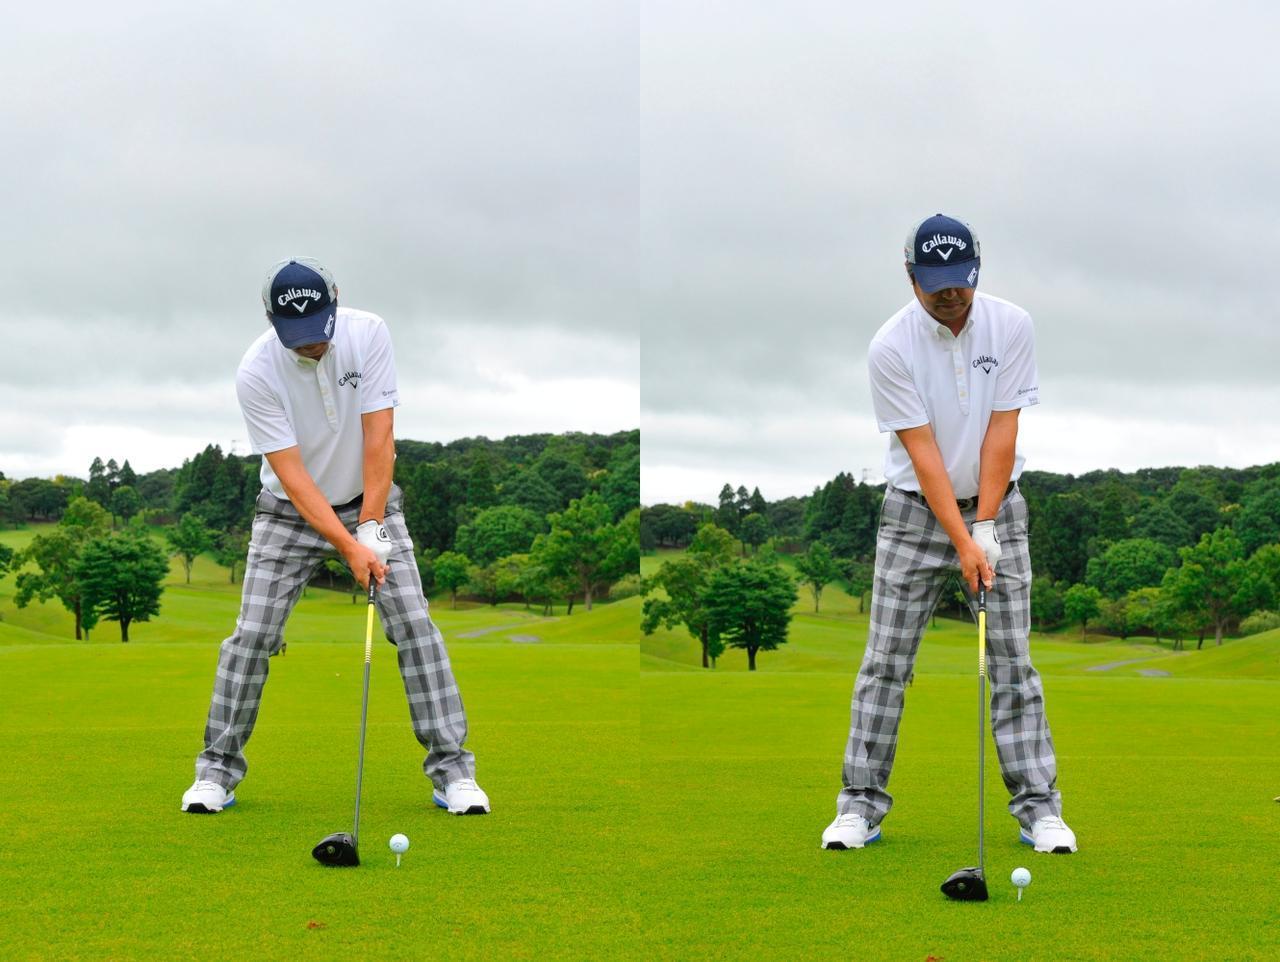 画像: ひざを深く曲げ腰の位置の低いアドレス(左)より、重心の高いアドレス(右)のほうが動きやすい